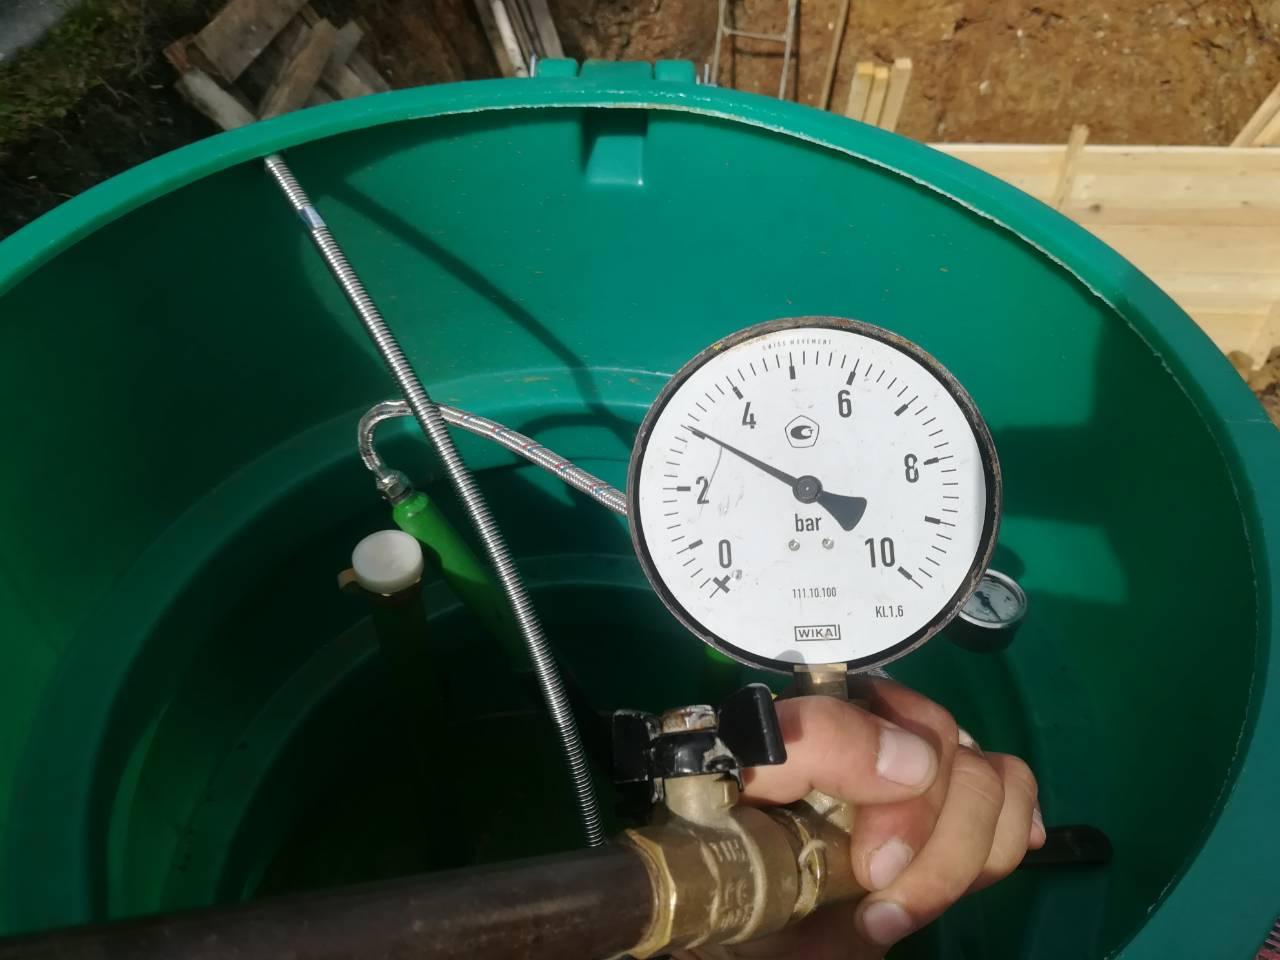 Заправка газгольдеров сжиженным углеродистым газом